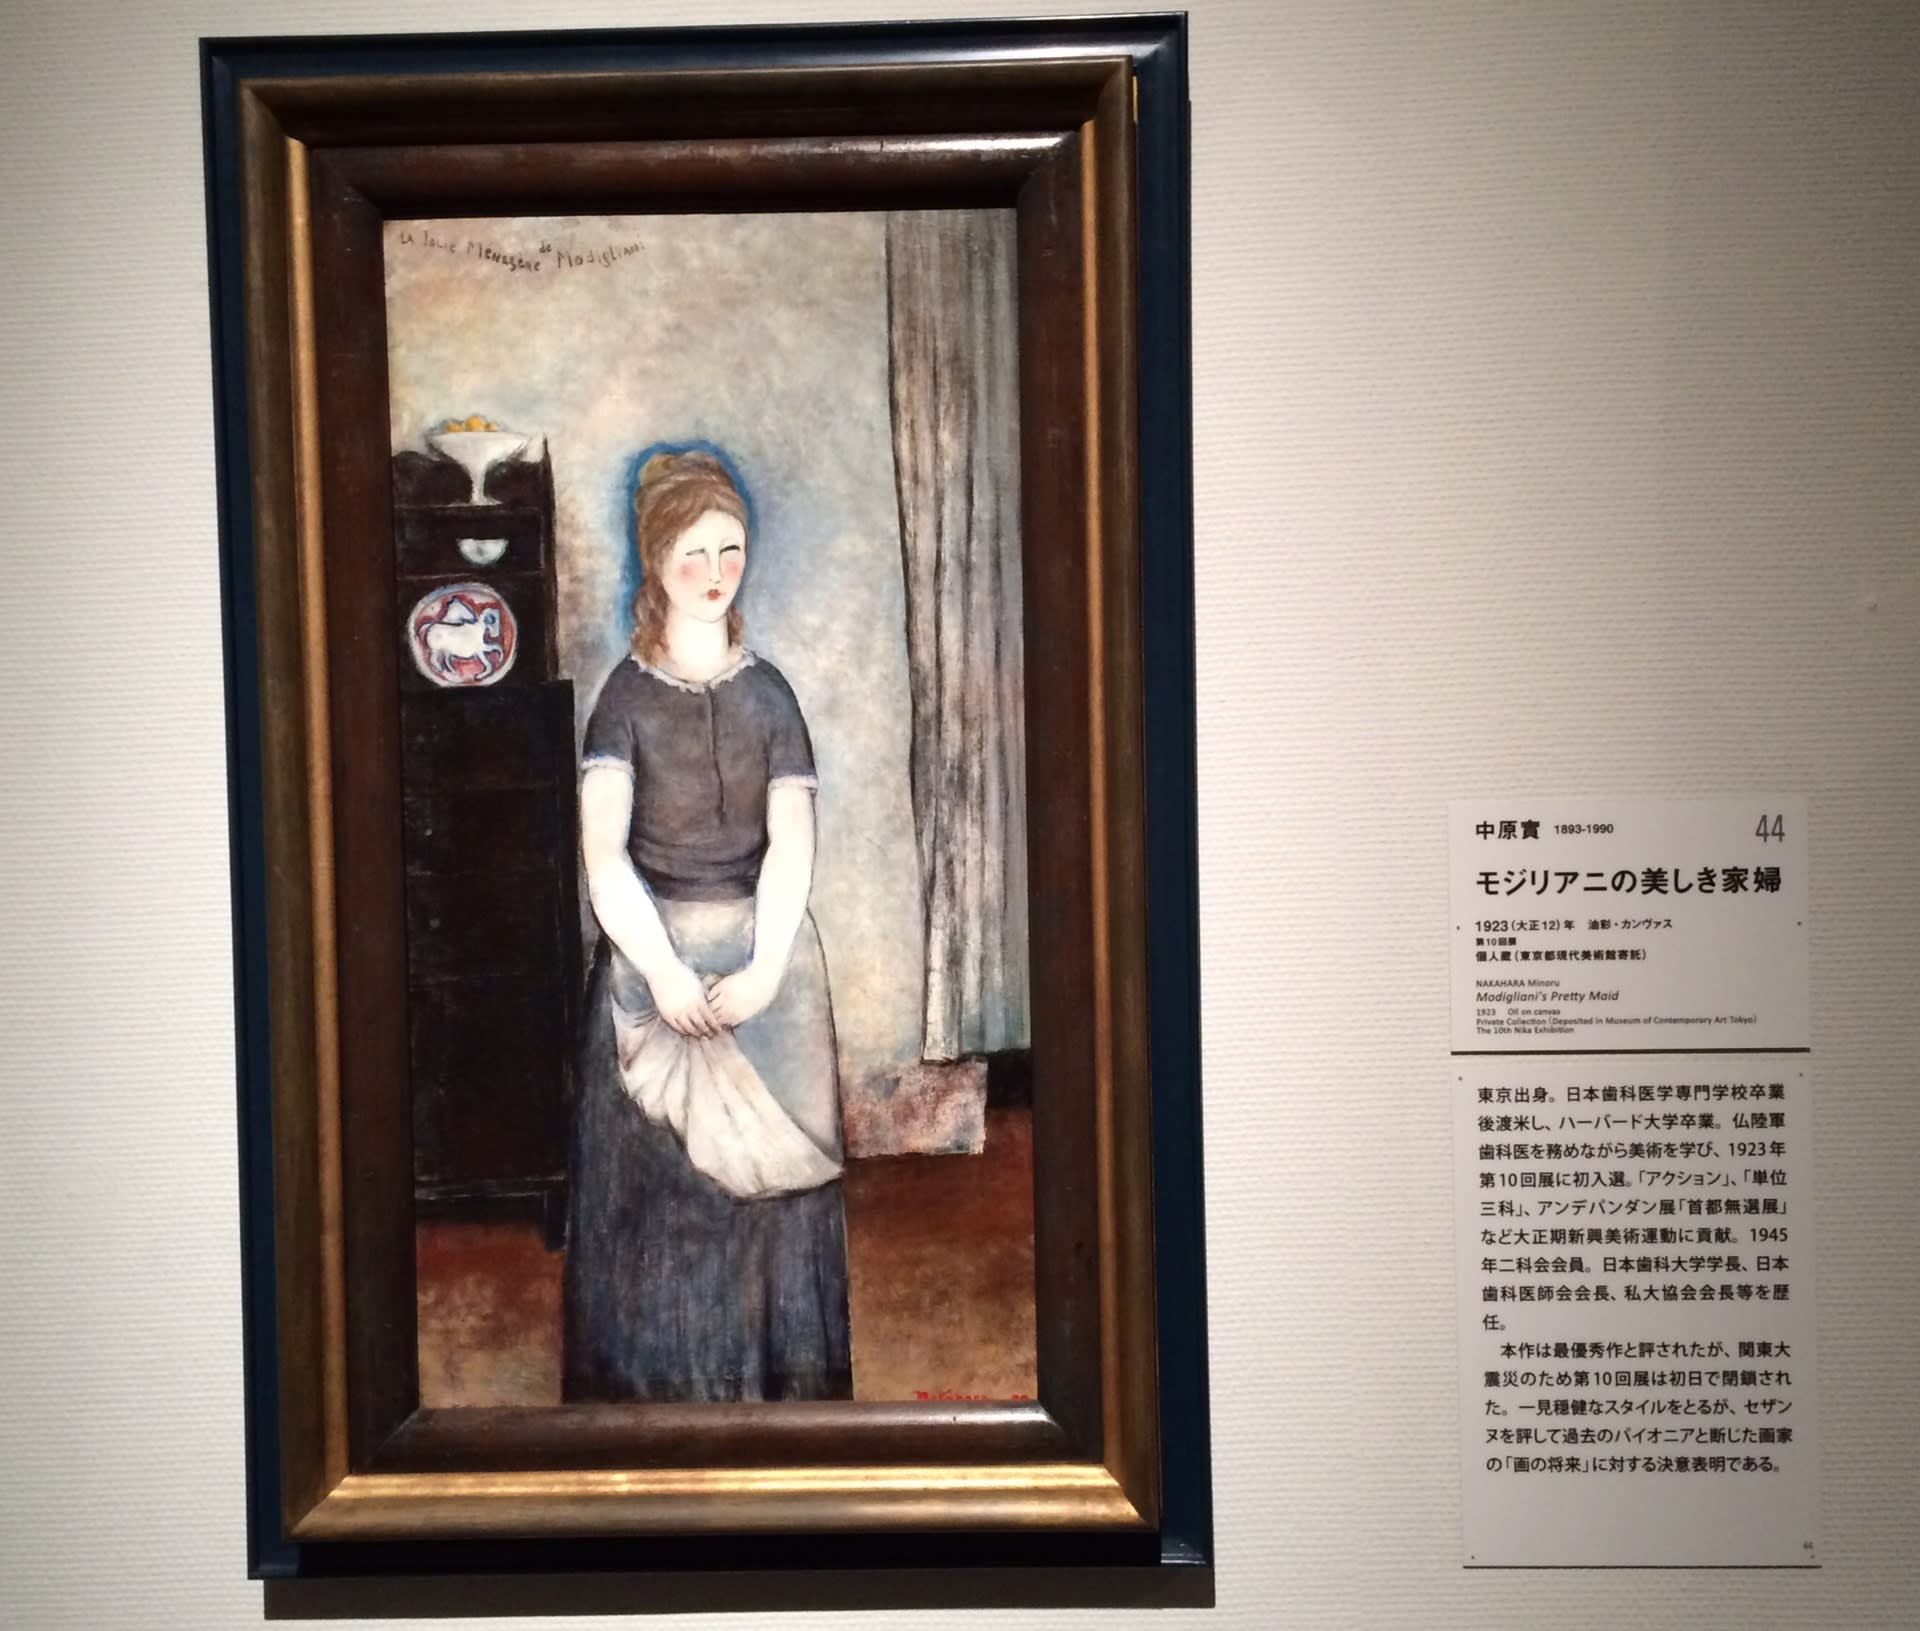 伝説の洋画家たち(東京都美術館) - 東京でカラヴァッジョ 日記